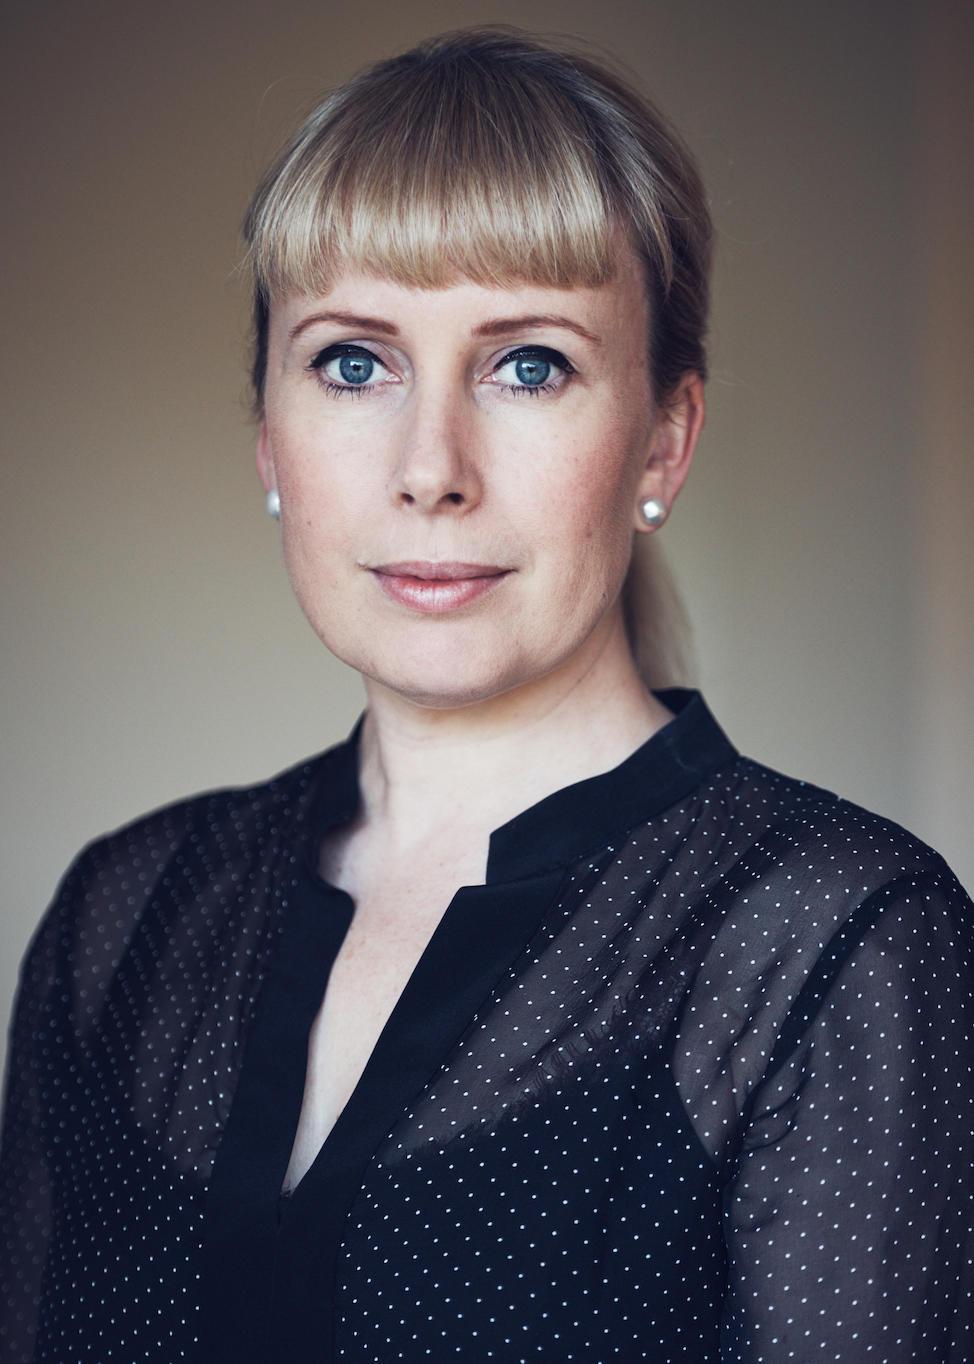 Merryn Schriever